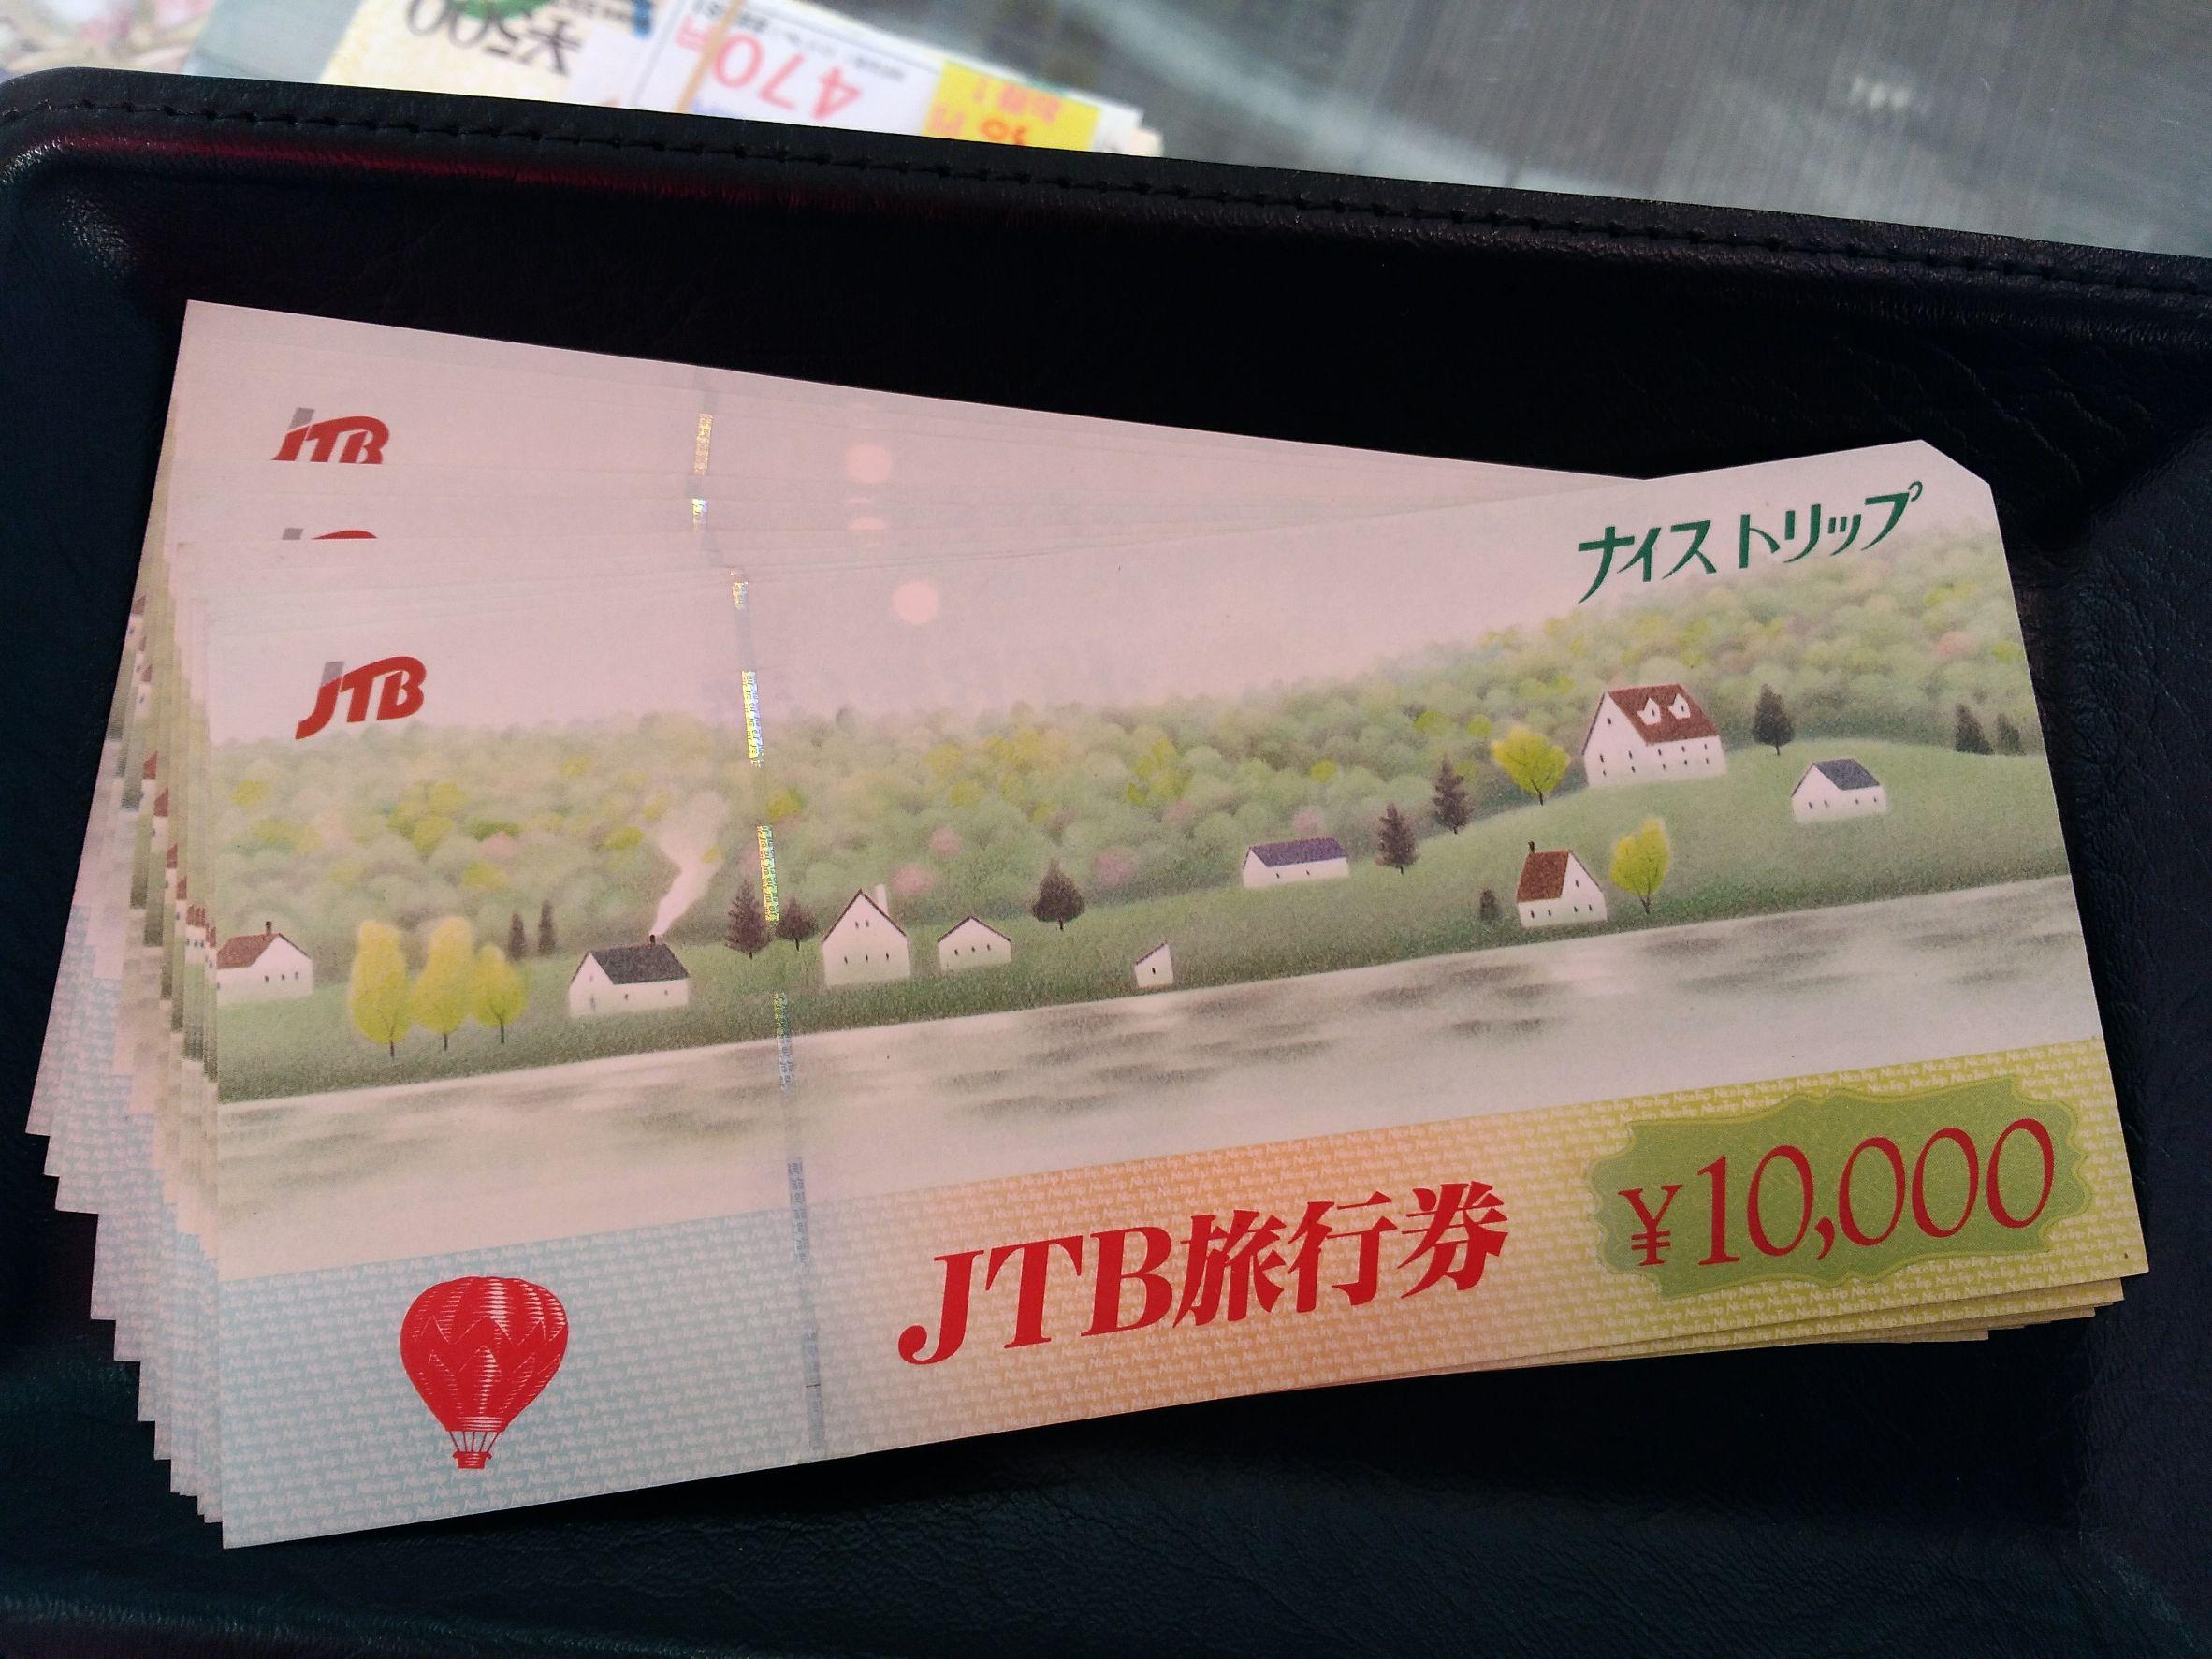 JTB10000多